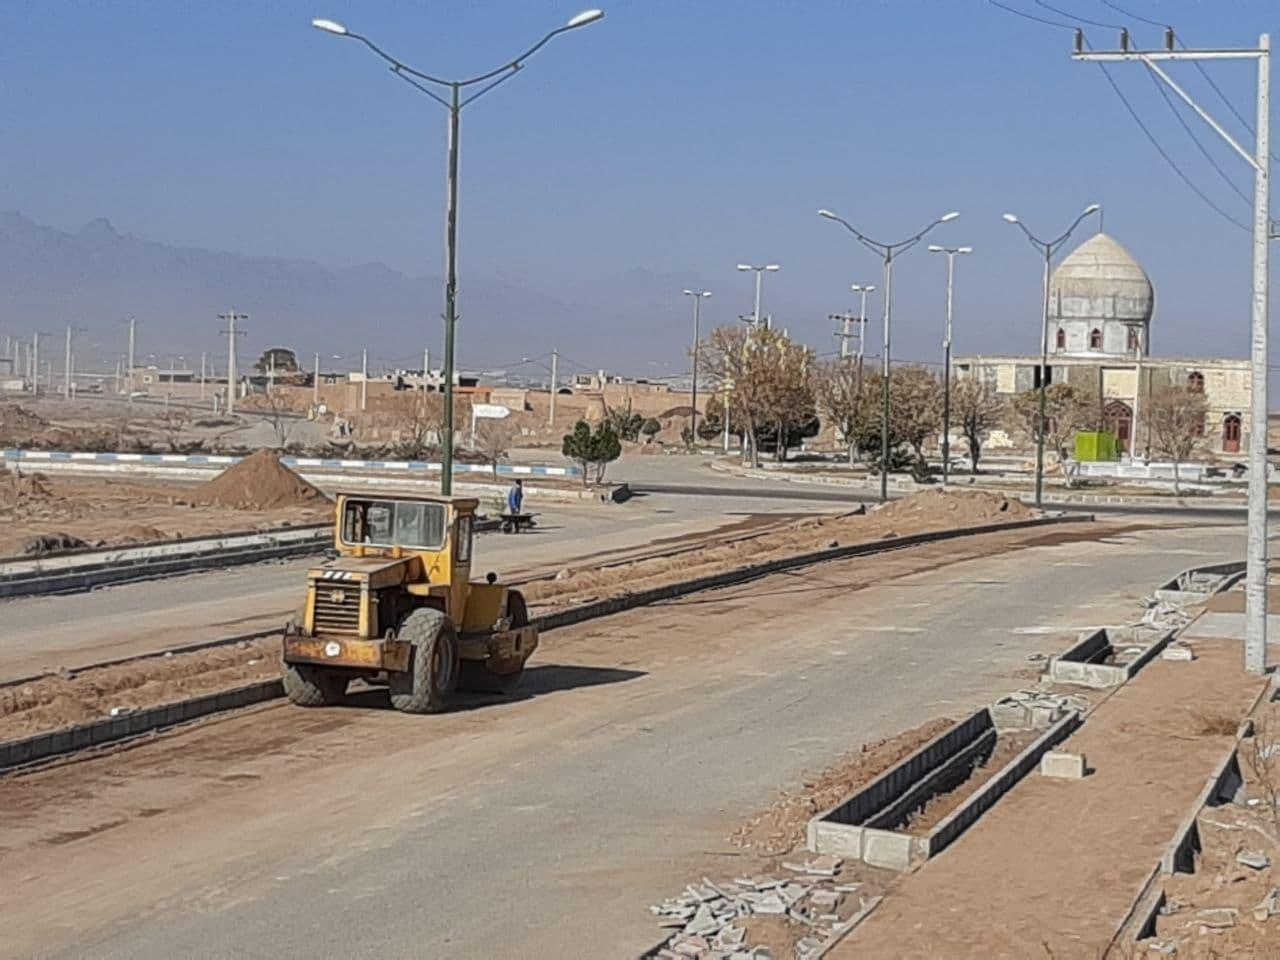 گزارش تصویری از : اجرای عملیات عمرانی پروژه های در دست اقدام شهرداری سفیدشهر